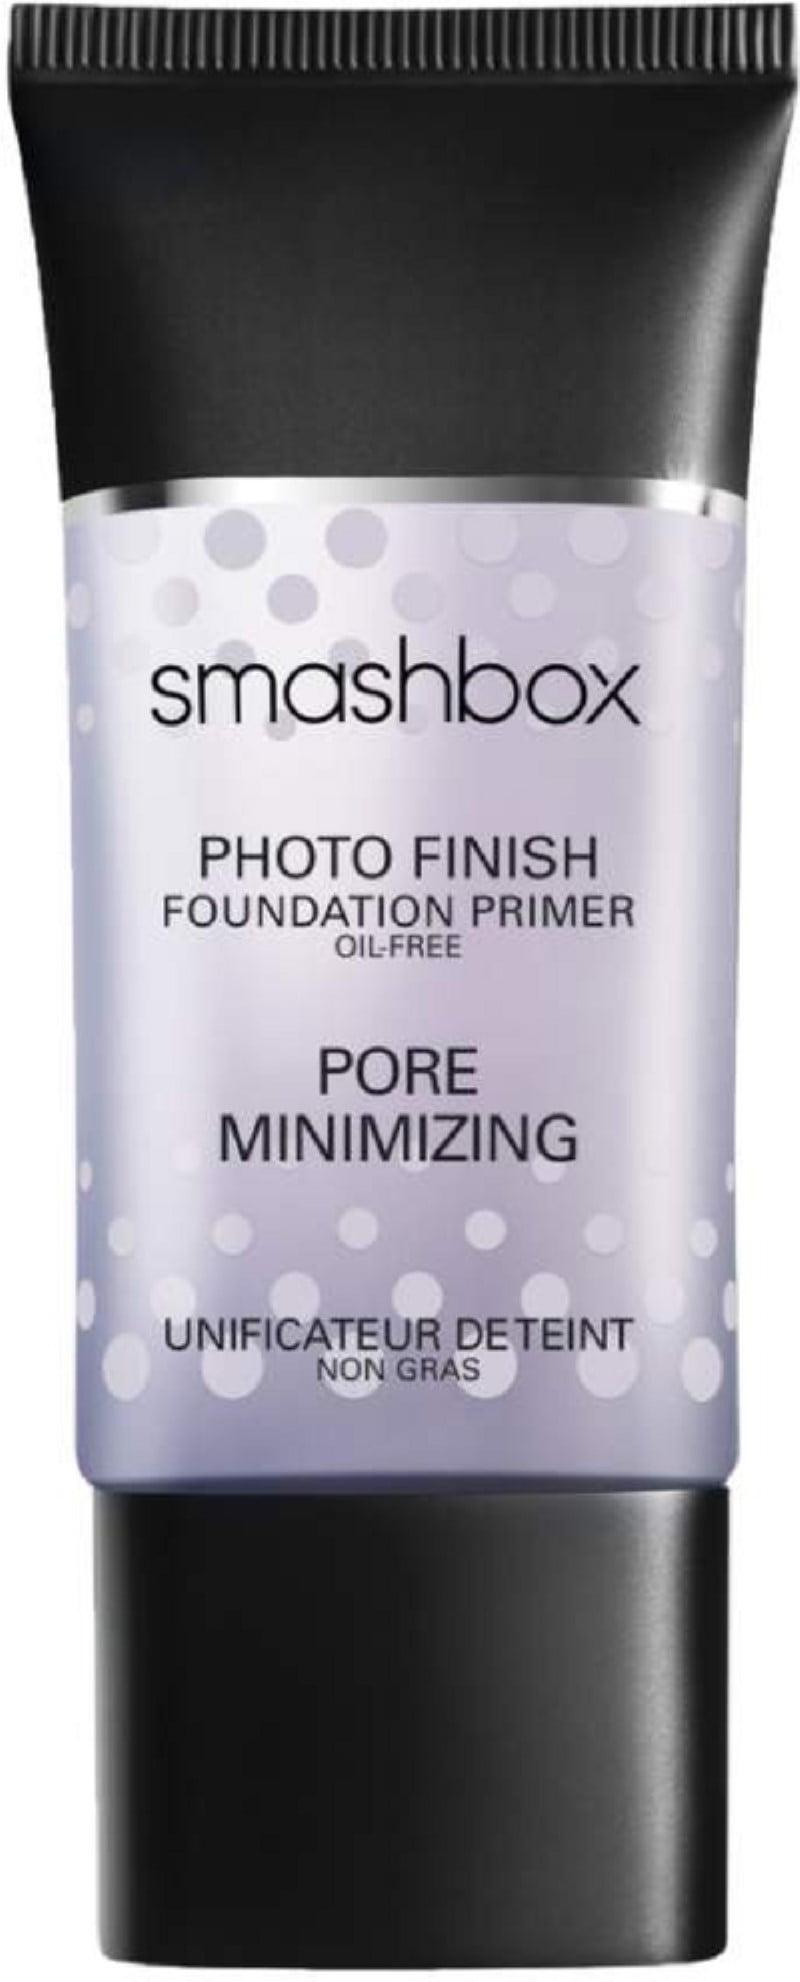 Photo Finish Pore Minimizing Primer by Smashbox #7